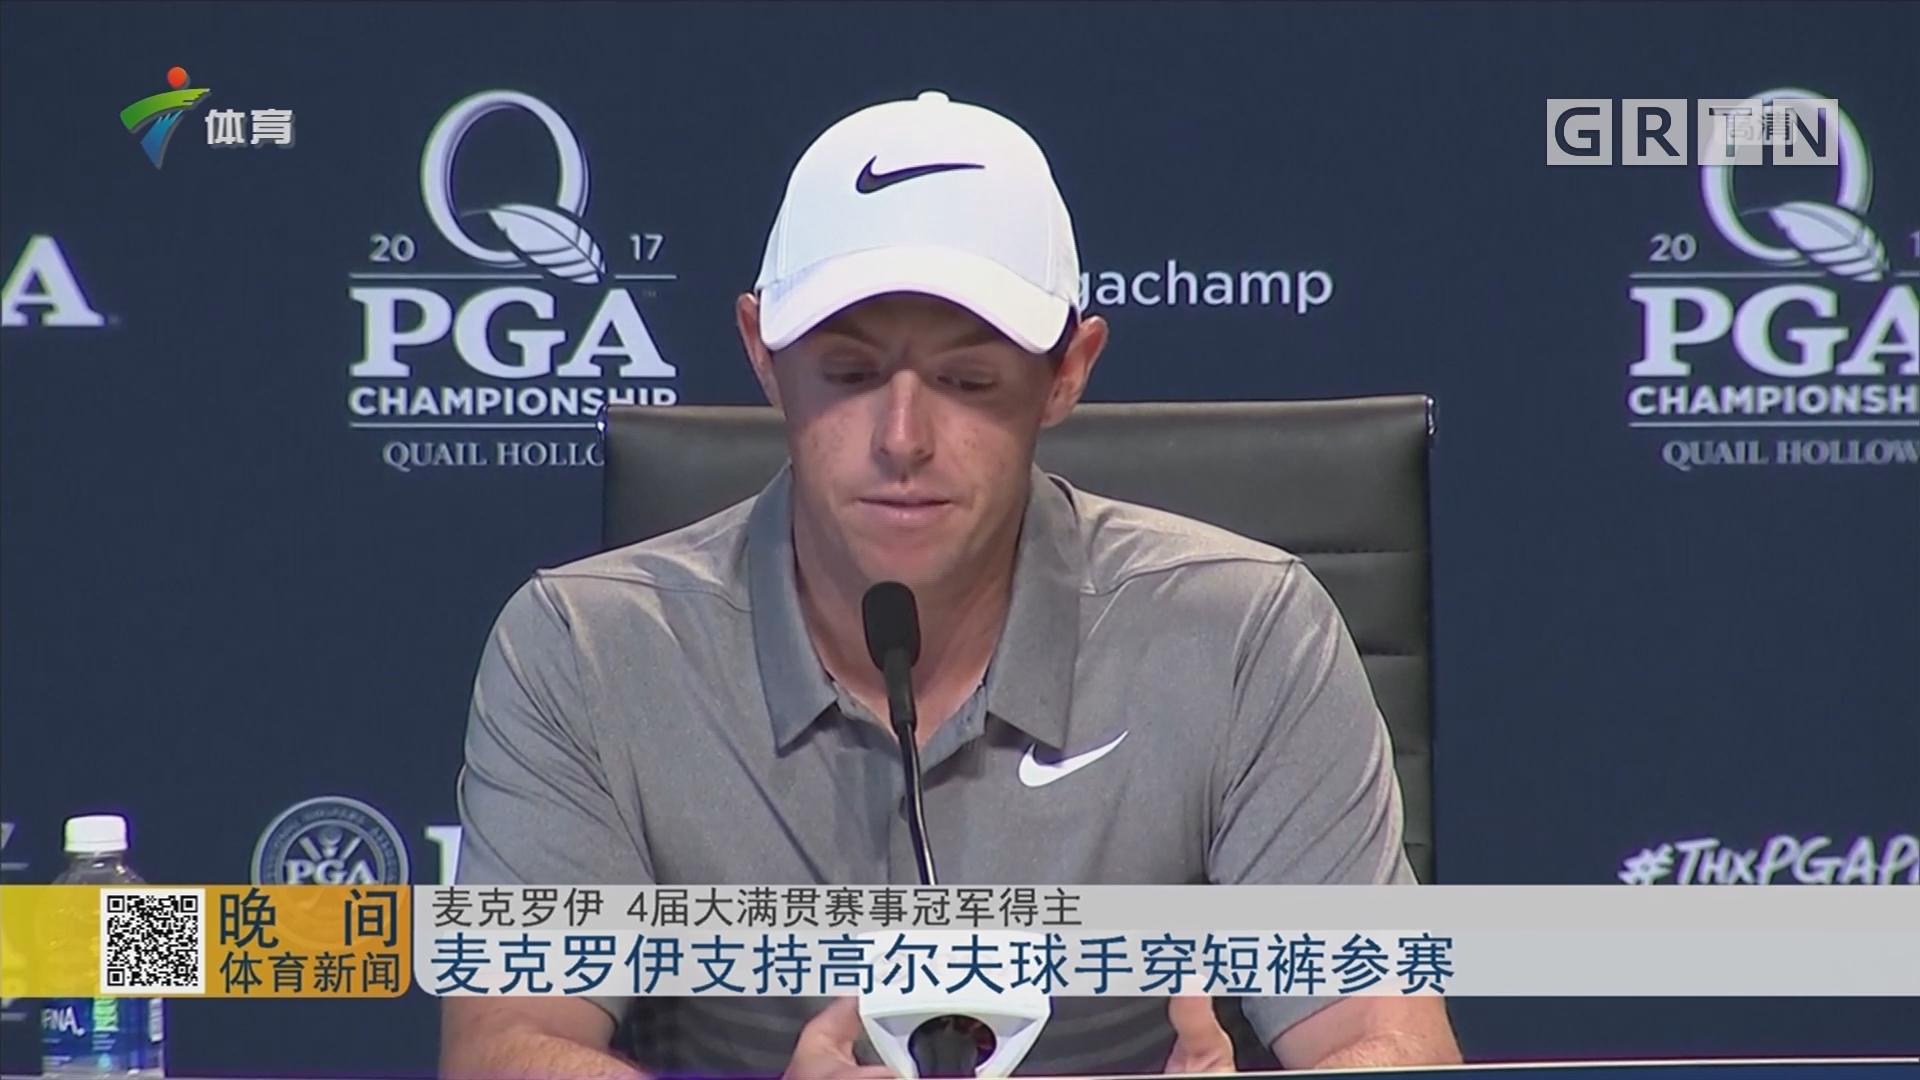 麦克罗伊支持高尔夫球手穿短裤参赛